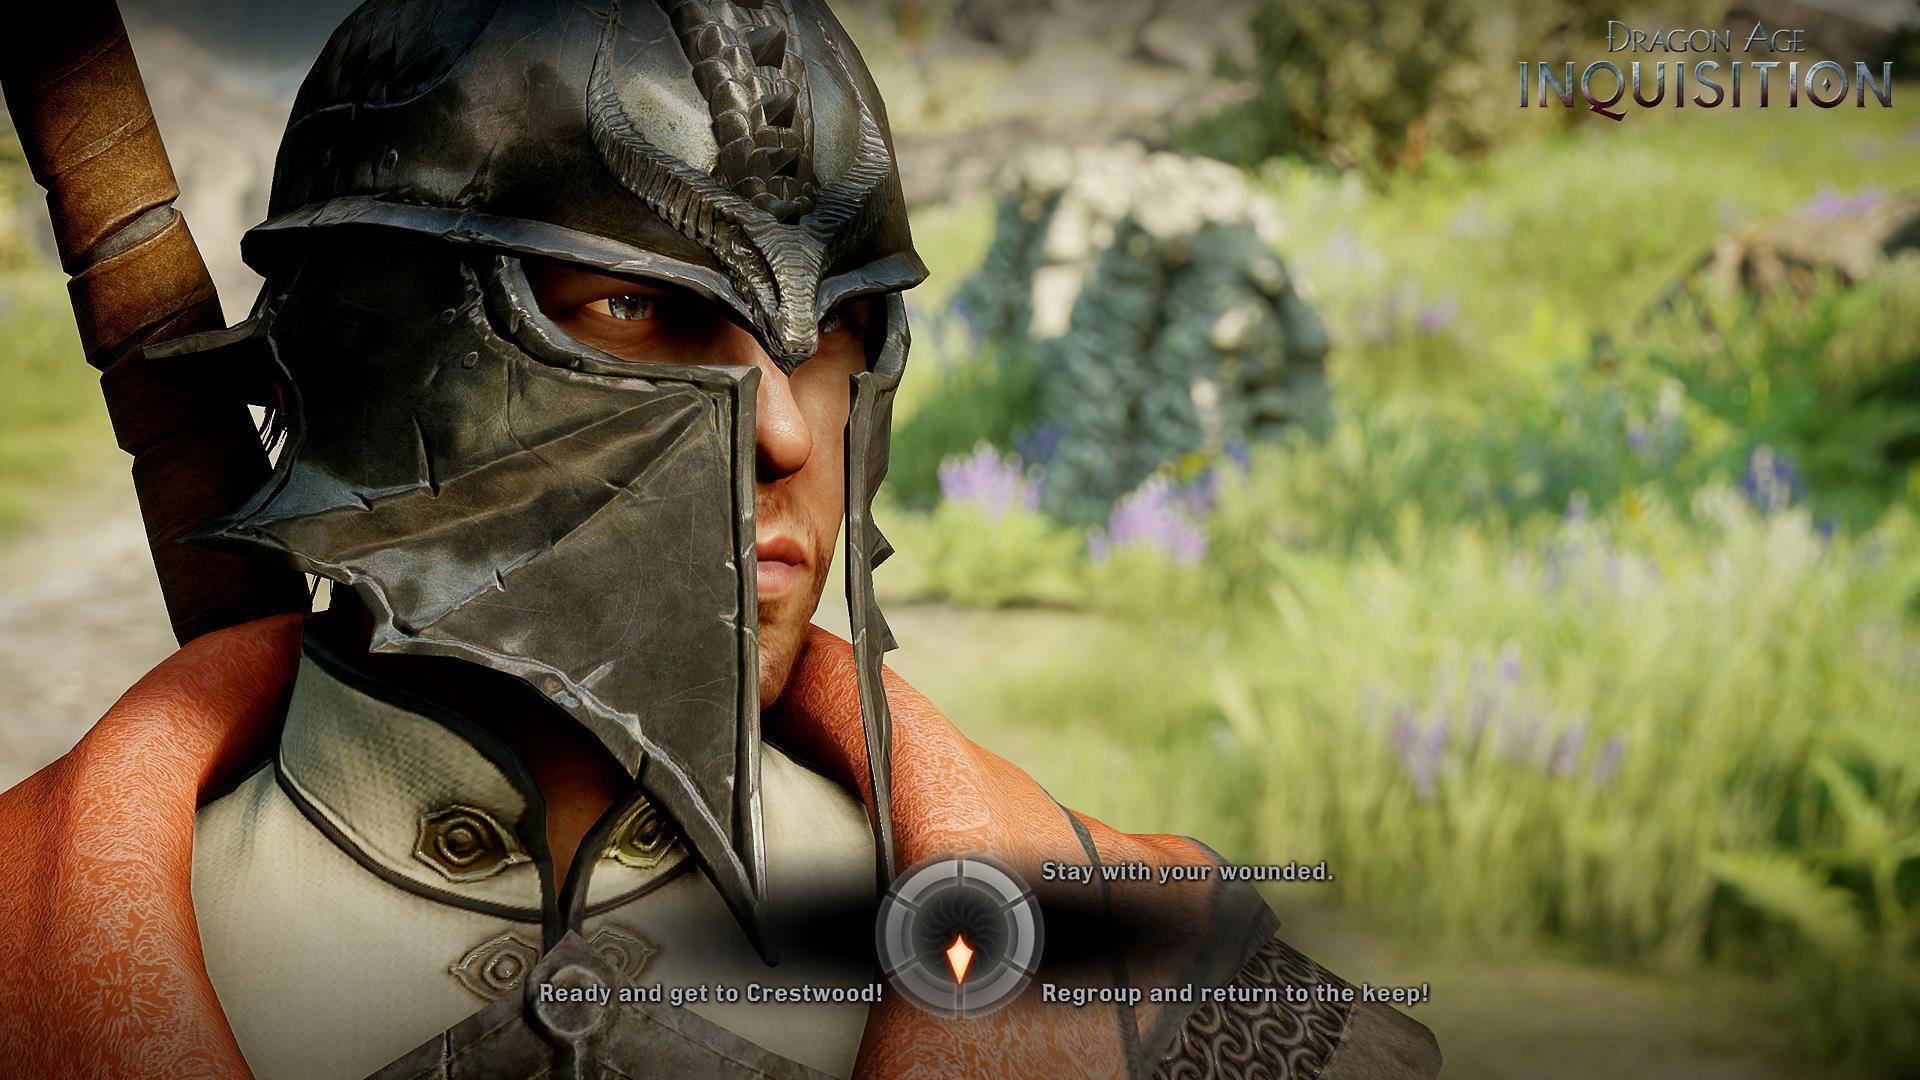 VengefulTemplar/Dragon Age: Inquisition - Concept Art 20